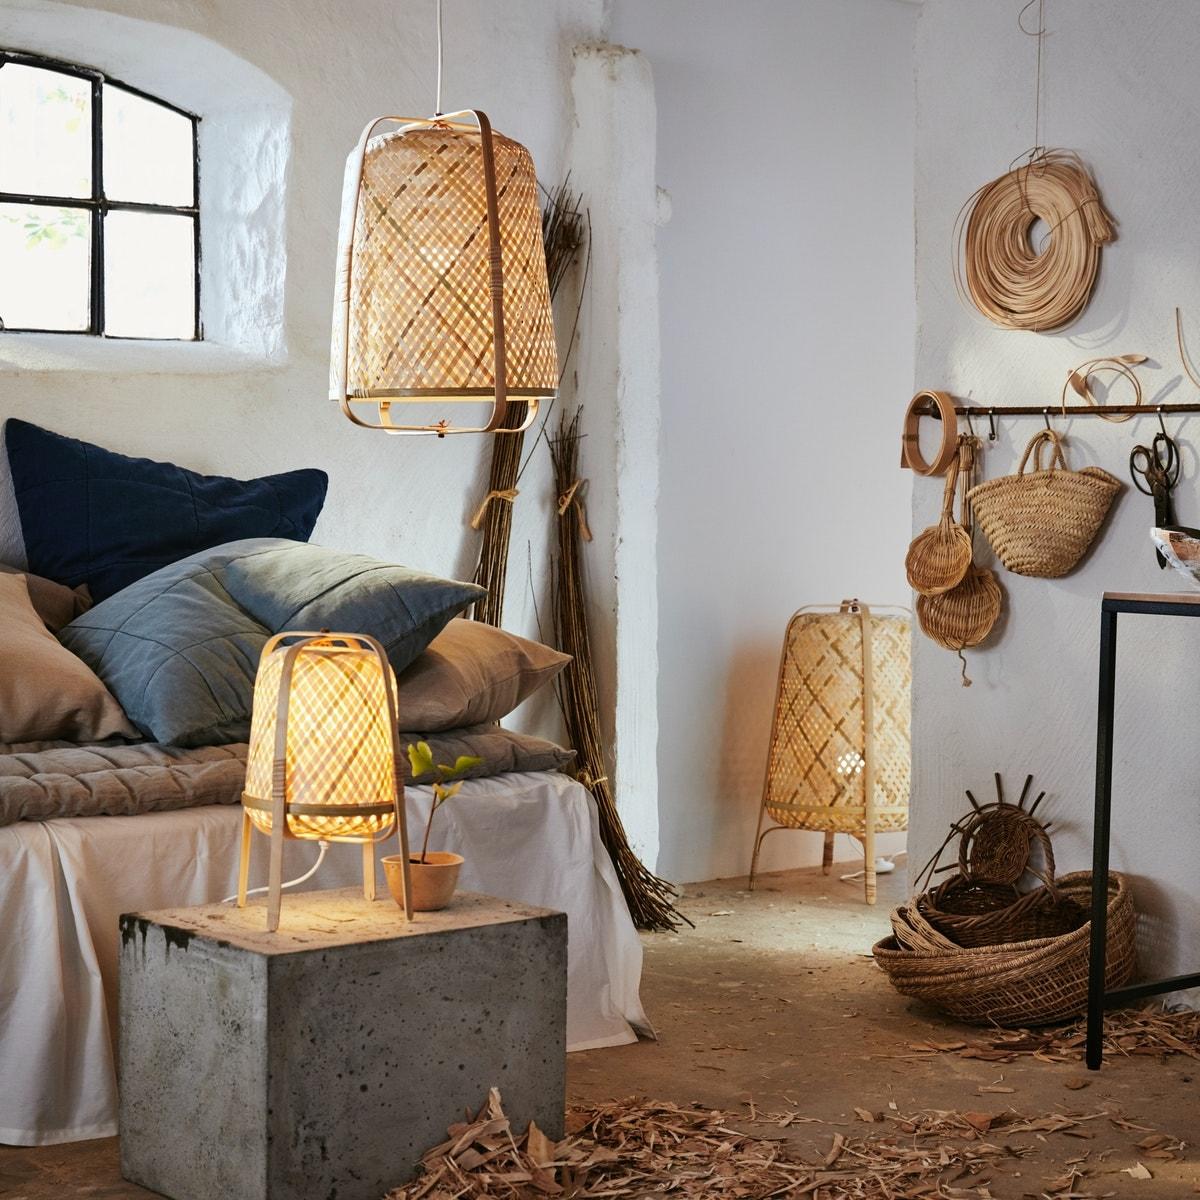 Ein weiß gestalteter Raum mit neutralfarbenen Textilien, Rattankörben und einer KNIXHULT Stand-, Tisch- und Hängeleuchte.